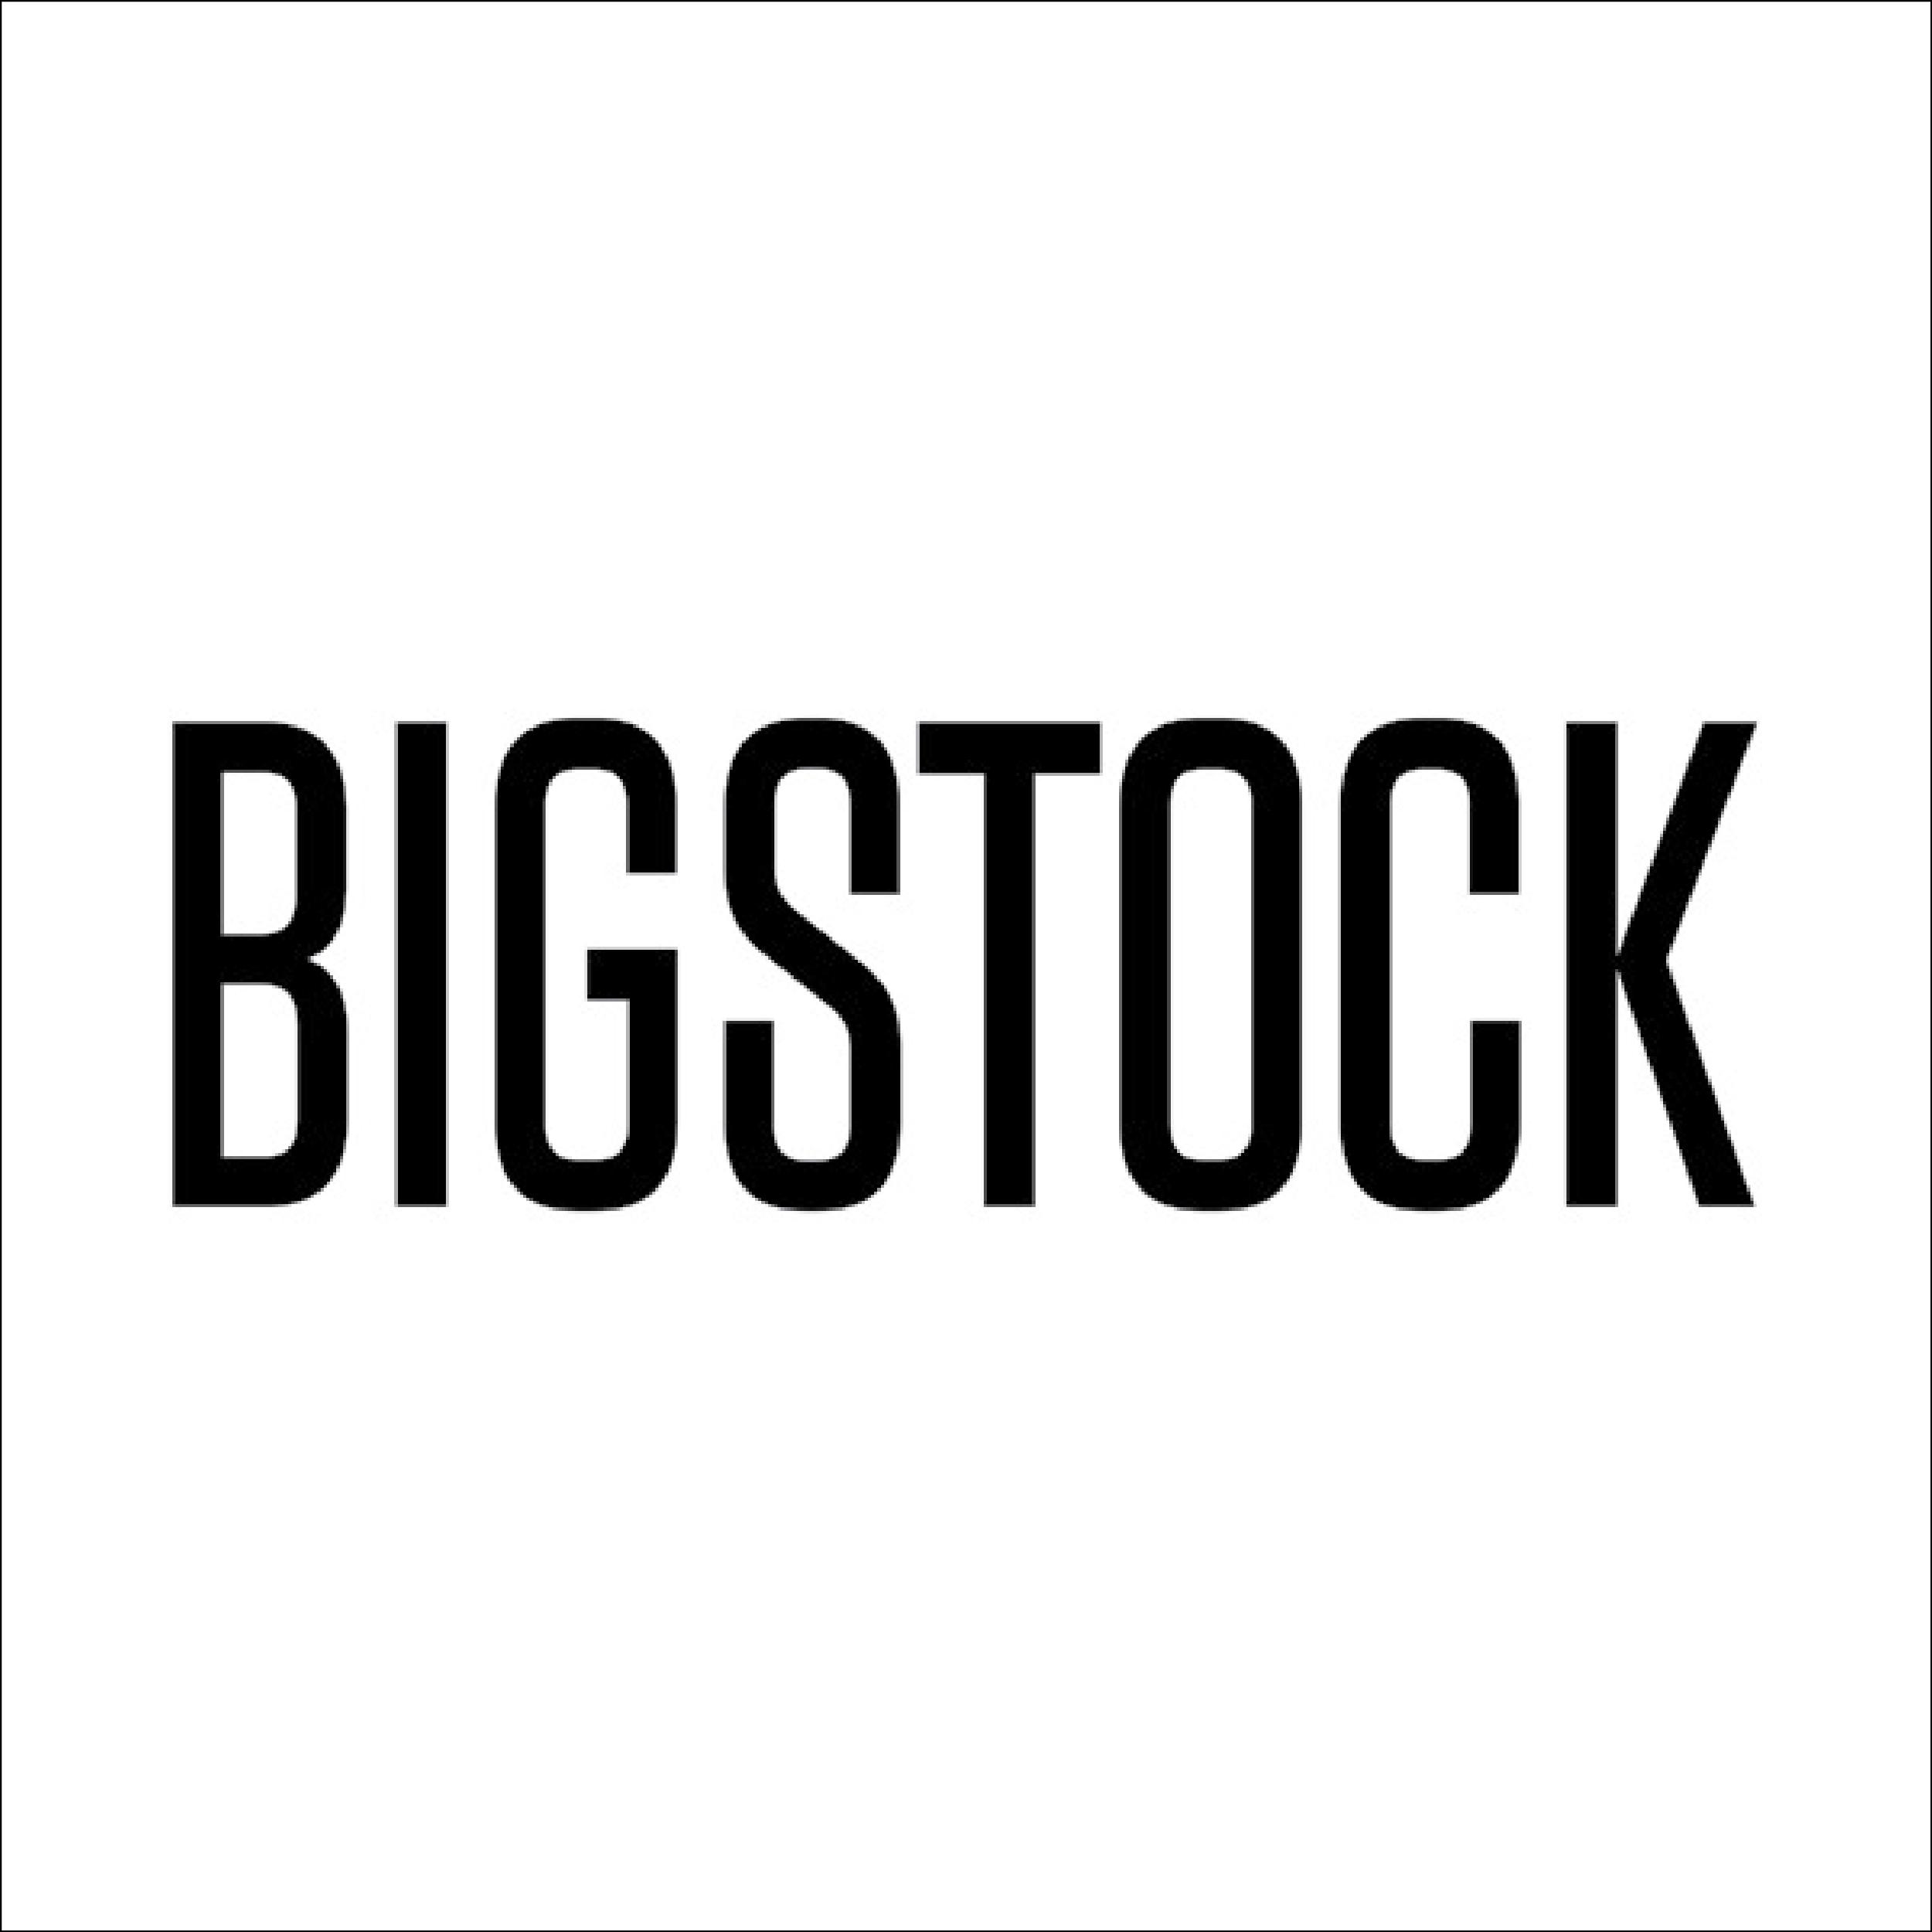 BigStock-01.jpg